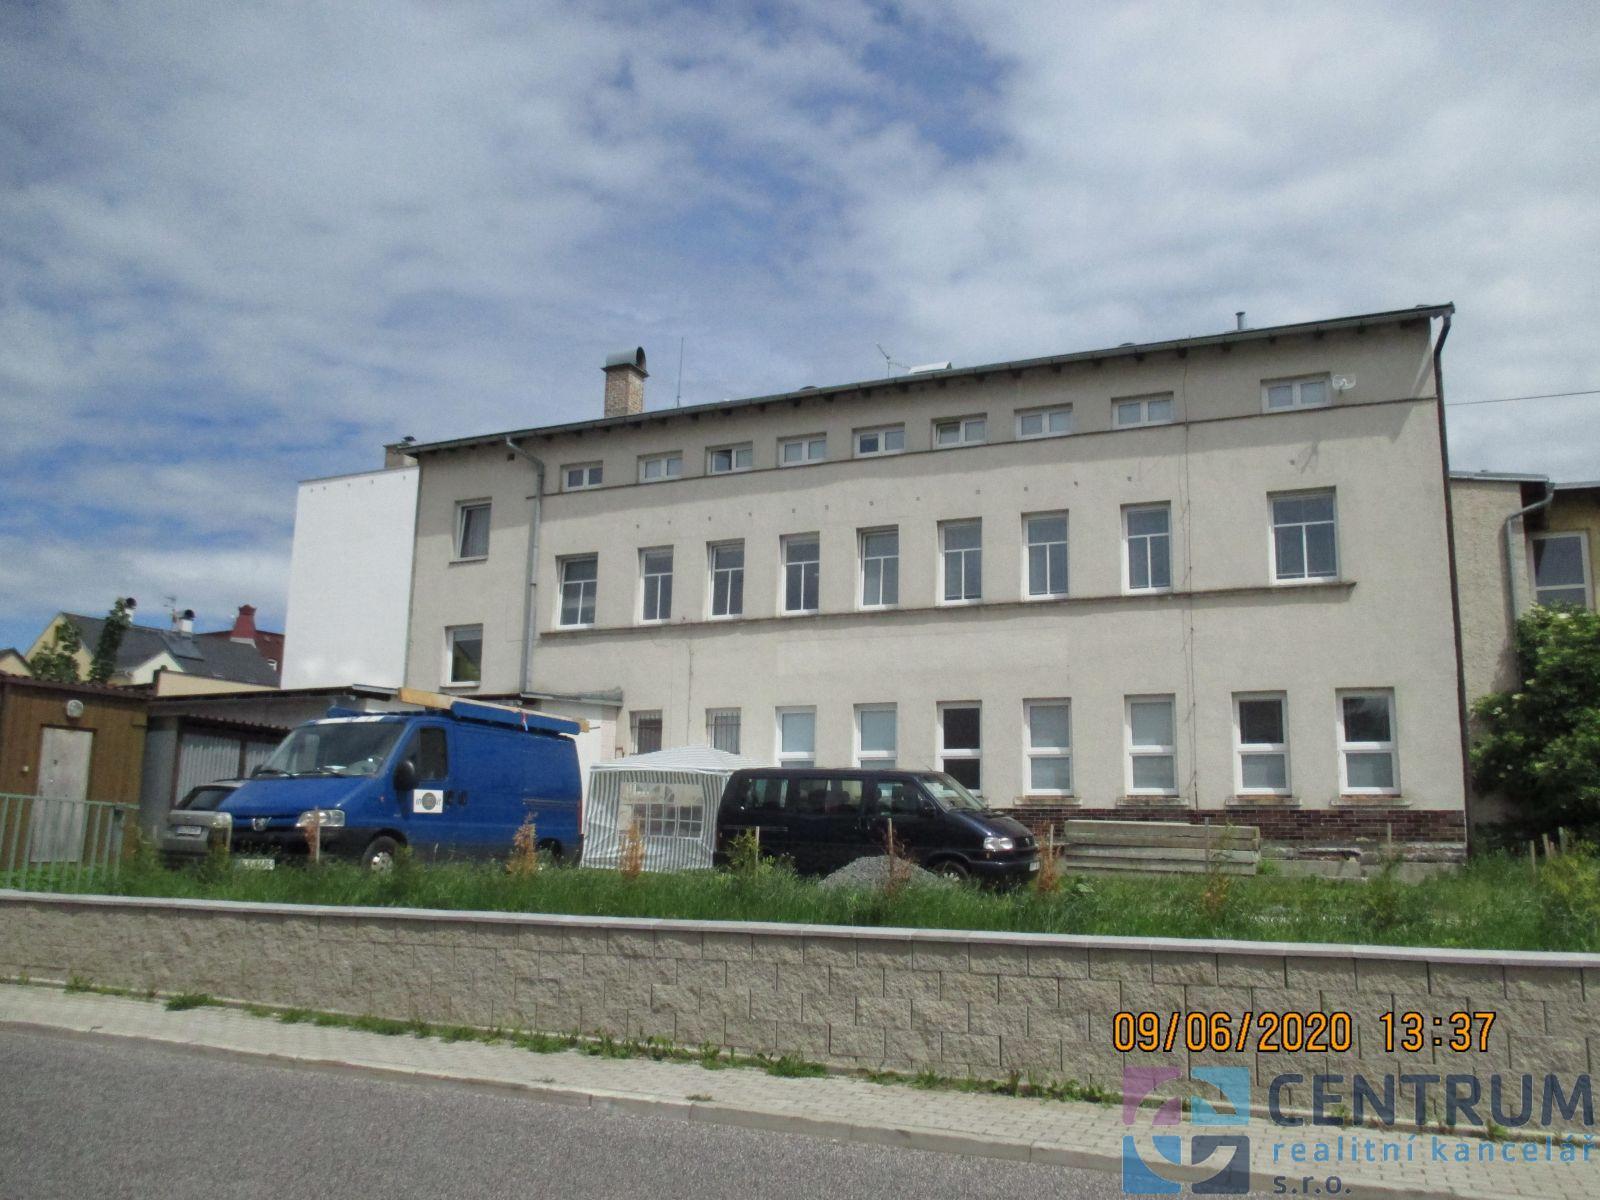 Pronájem bytu 1+KK, ul. Svatopluka Čecha, Jablonec nad Nisou.